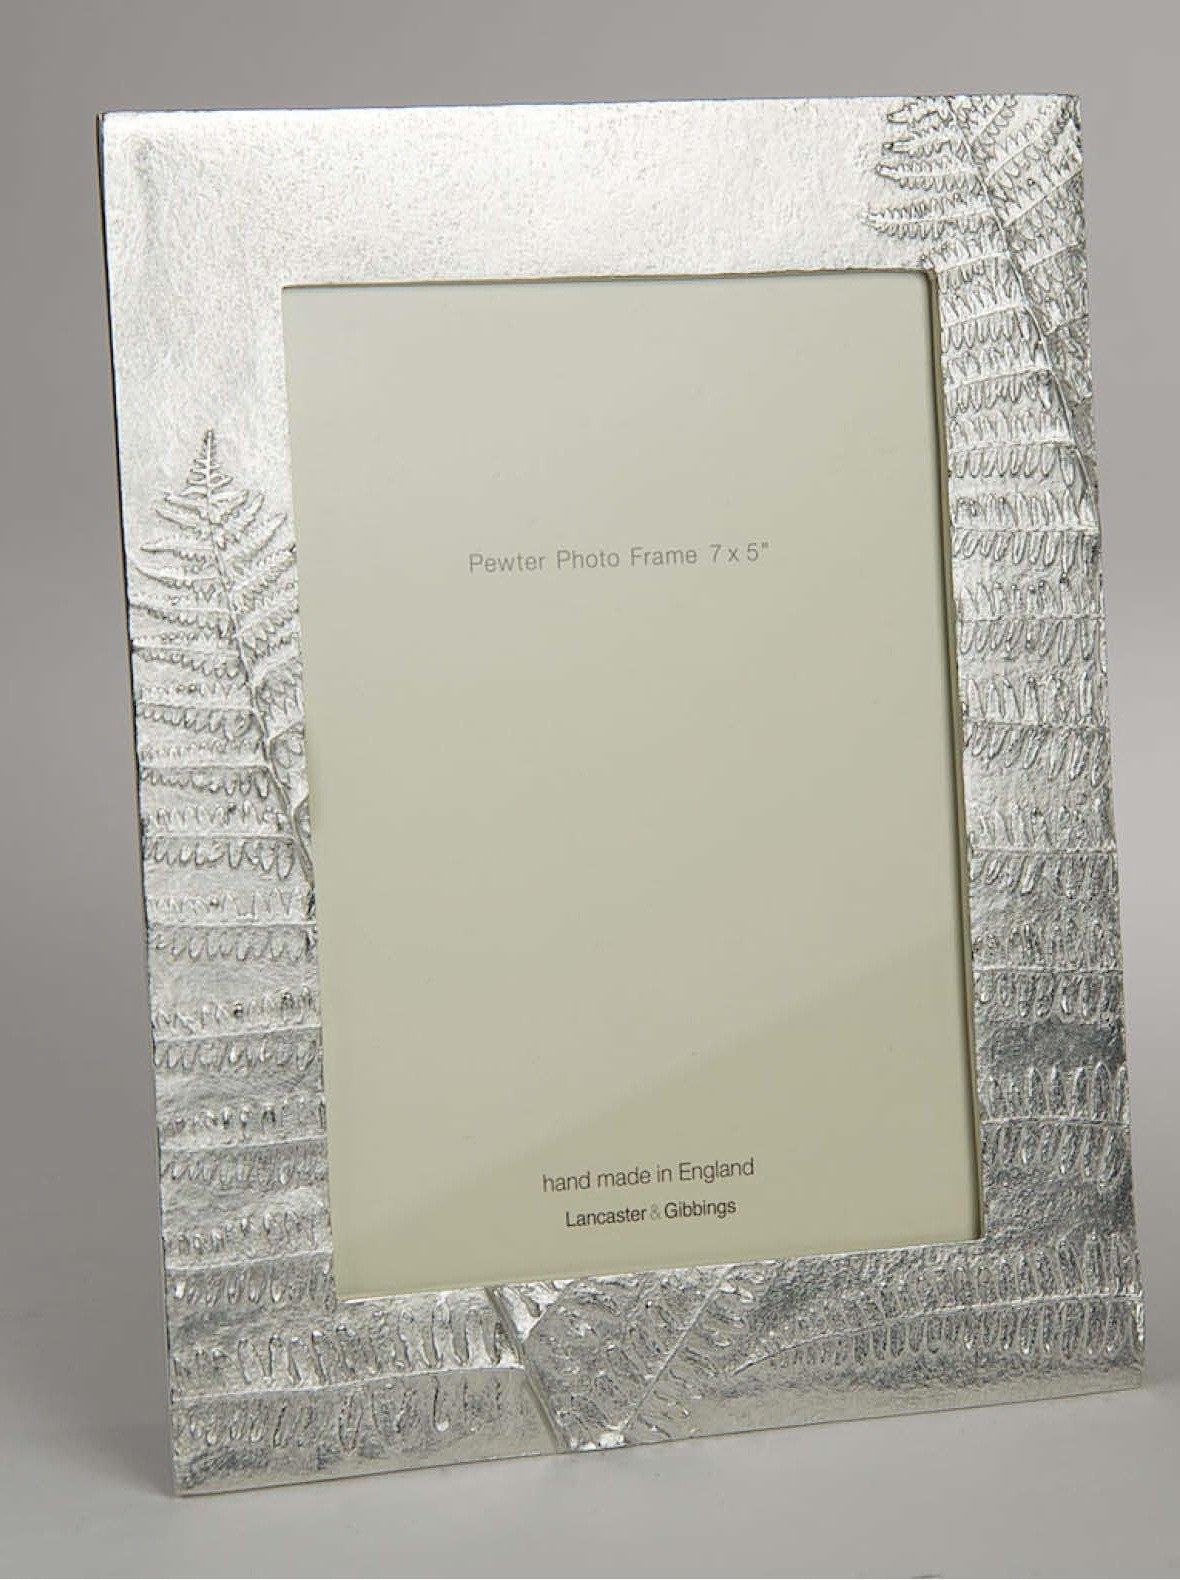 Lancaster and Gibbings Handmade Pewter photo frames